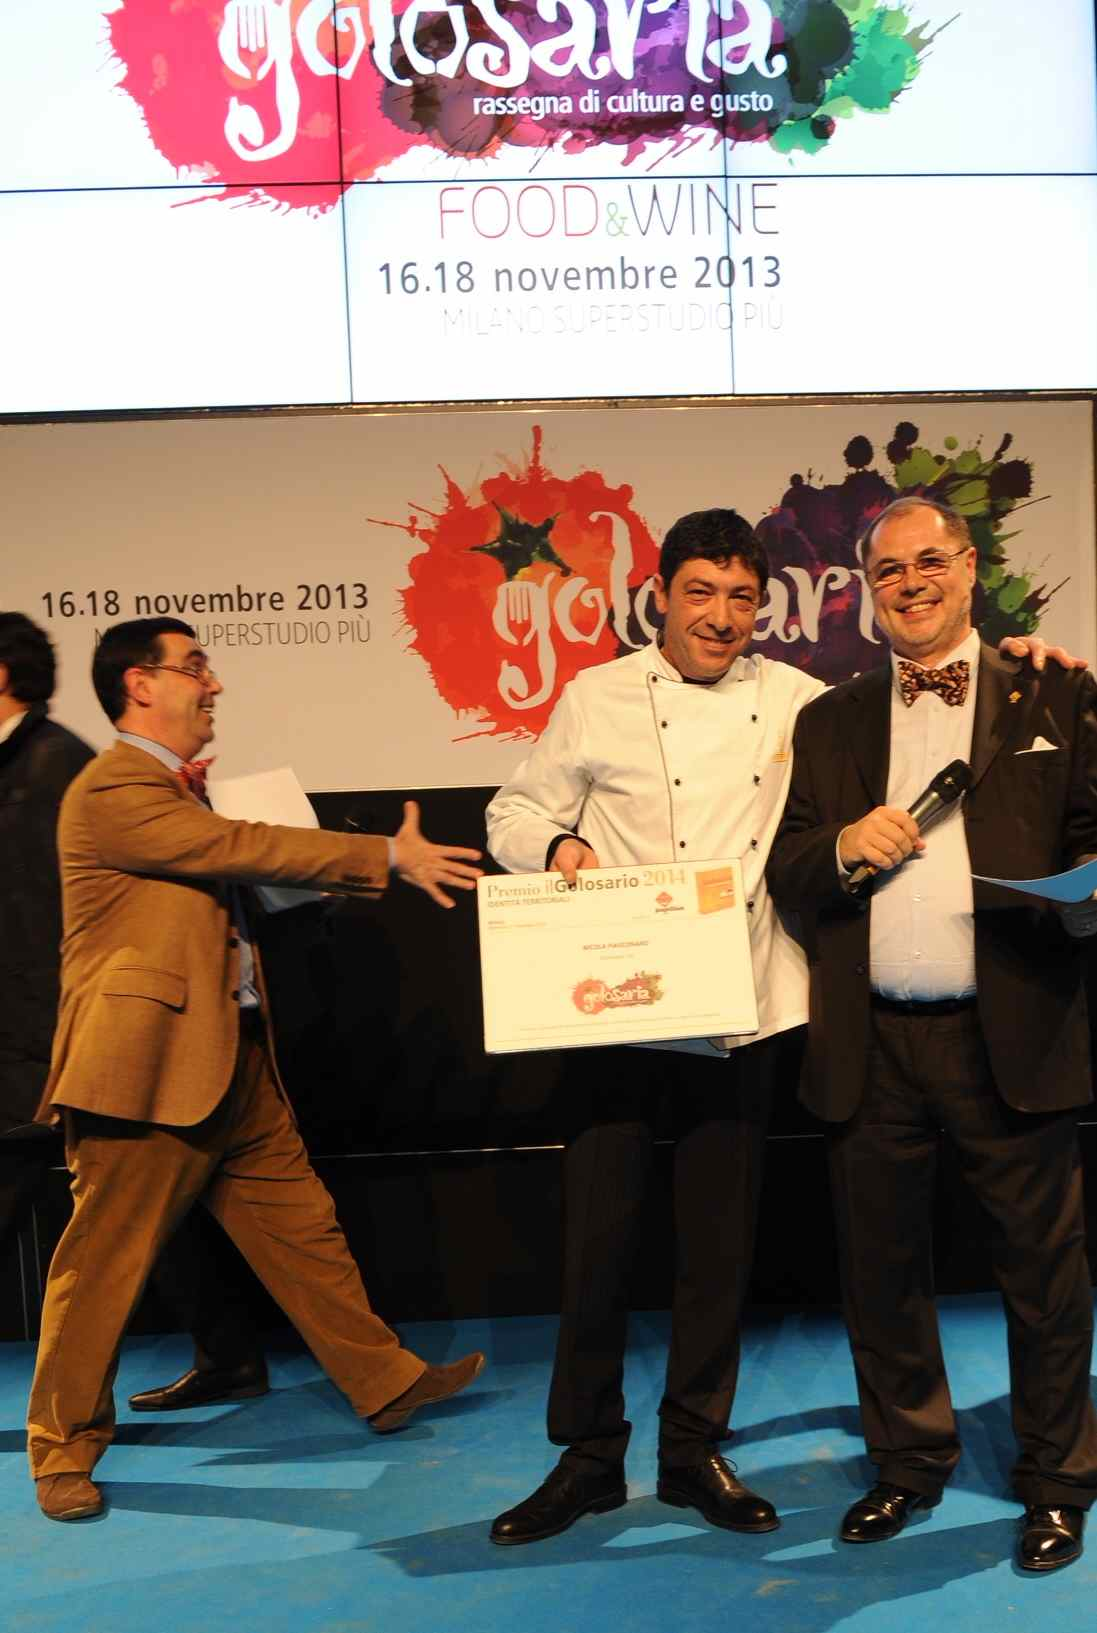 Golosaria: Milano premia il panettone siciliano di Nicola Fiasconaro